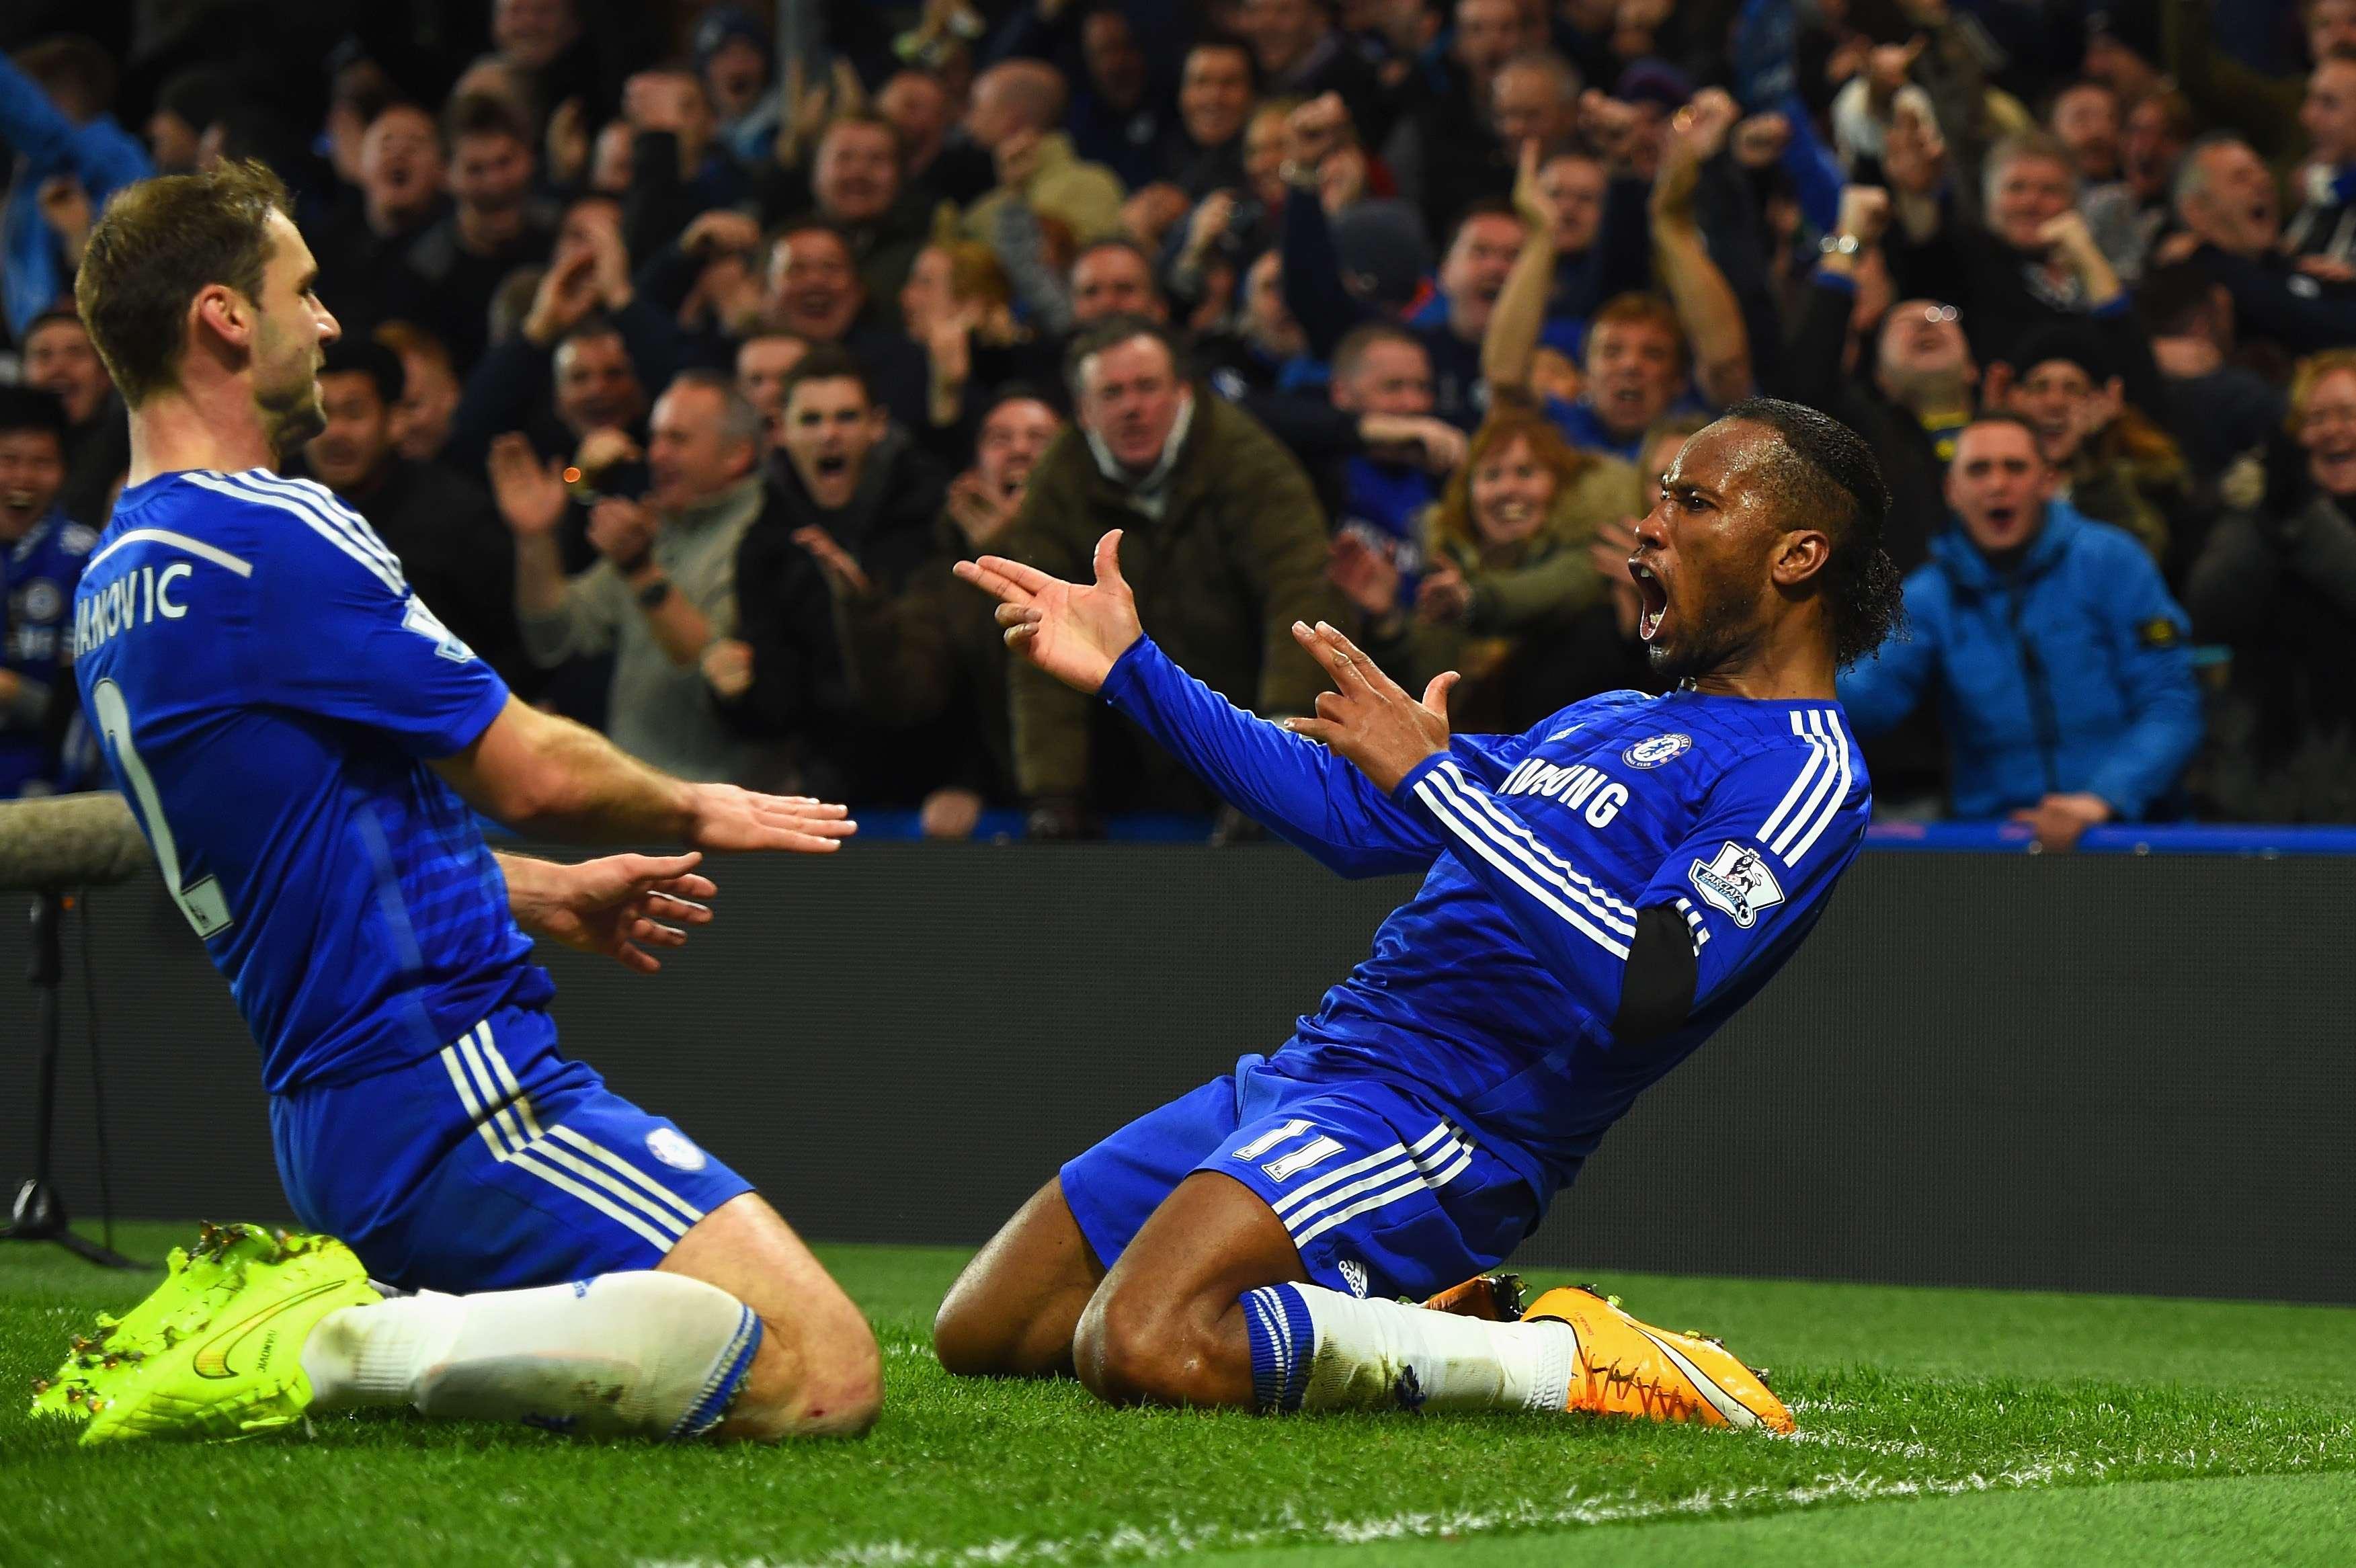 Chelsea y el resto de favoritos ganan